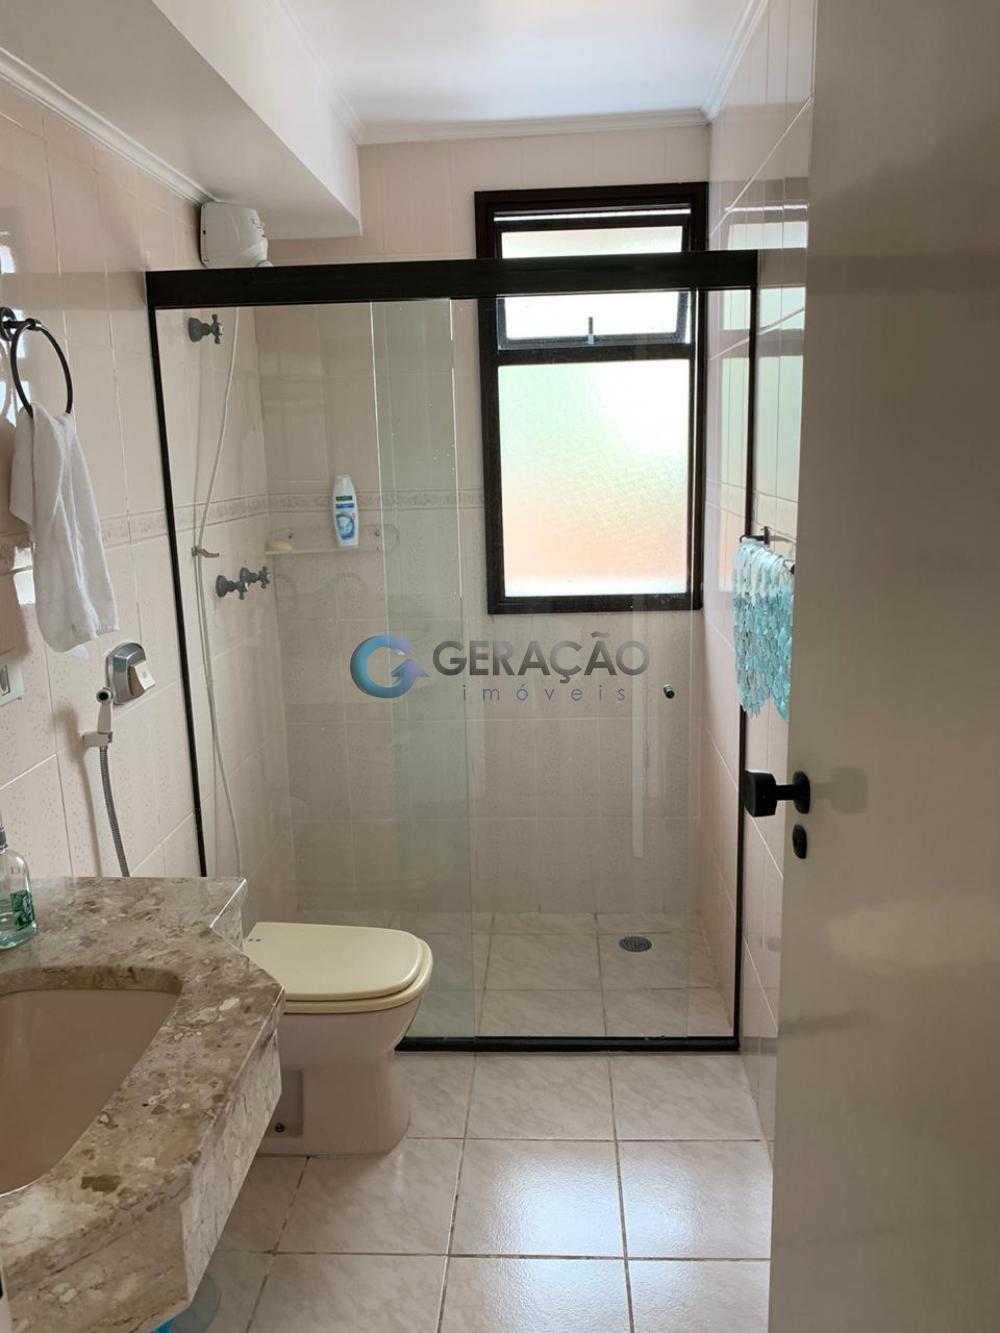 Comprar Apartamento / Padrão em Caraguatatuba R$ 1.060.000,00 - Foto 12